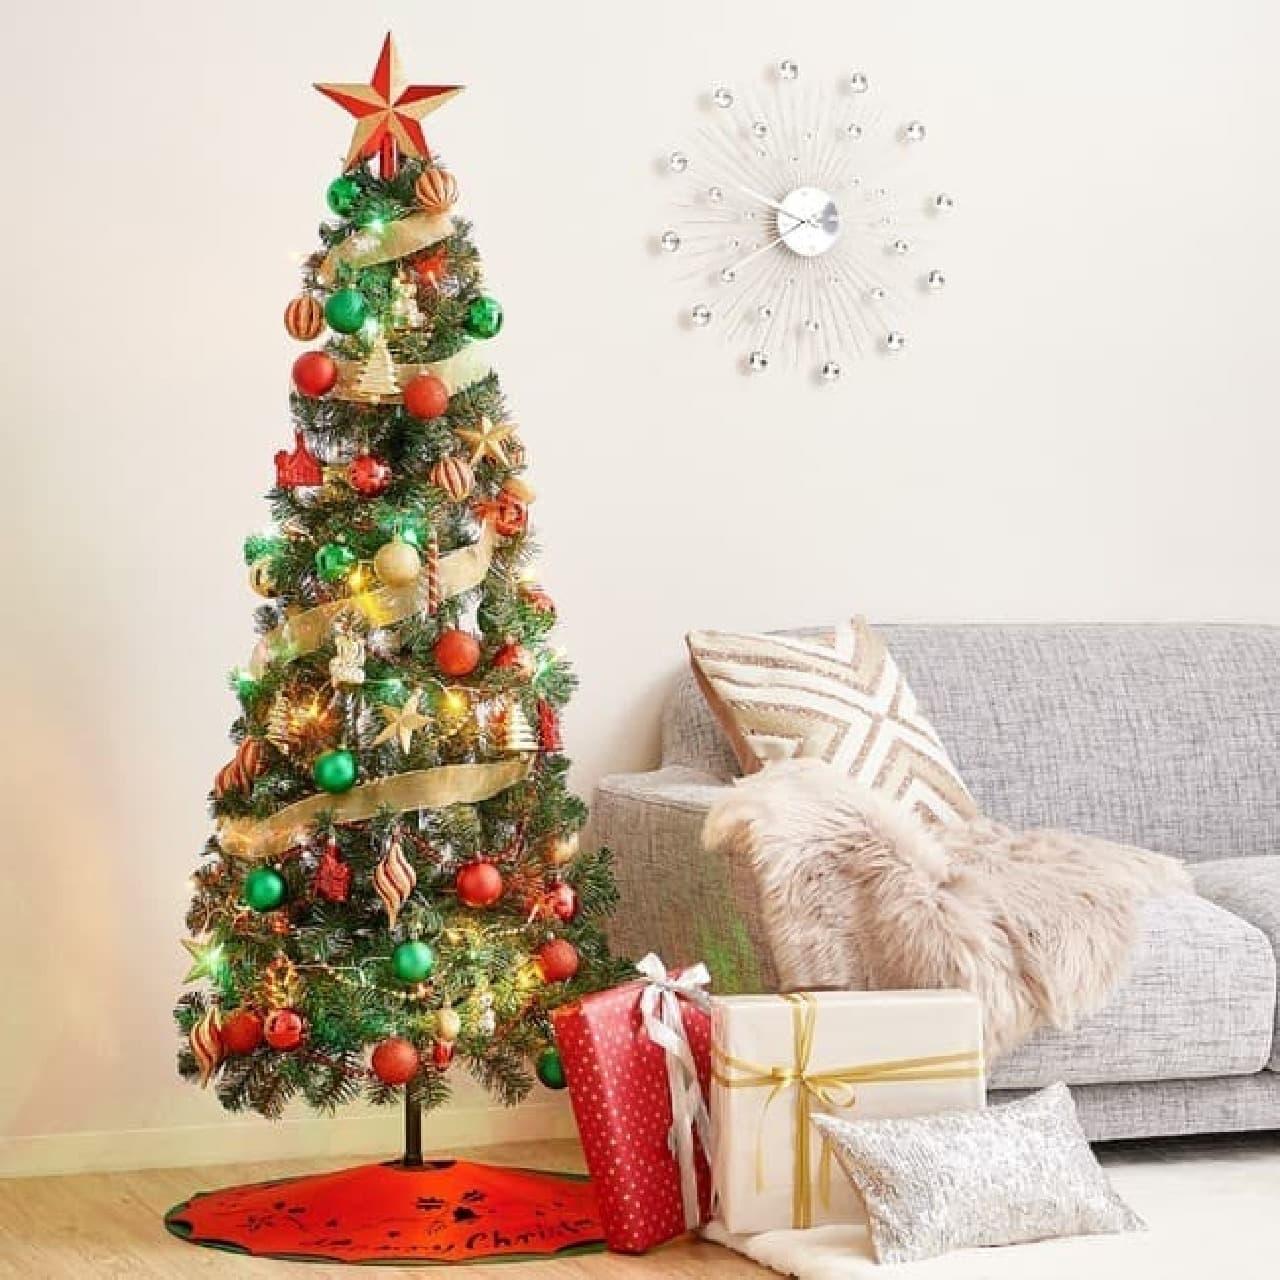 狭い部屋もOK!高さ60cmのクリスマスツリーがFrancfrancから -- 収納コンパクトなセット商品